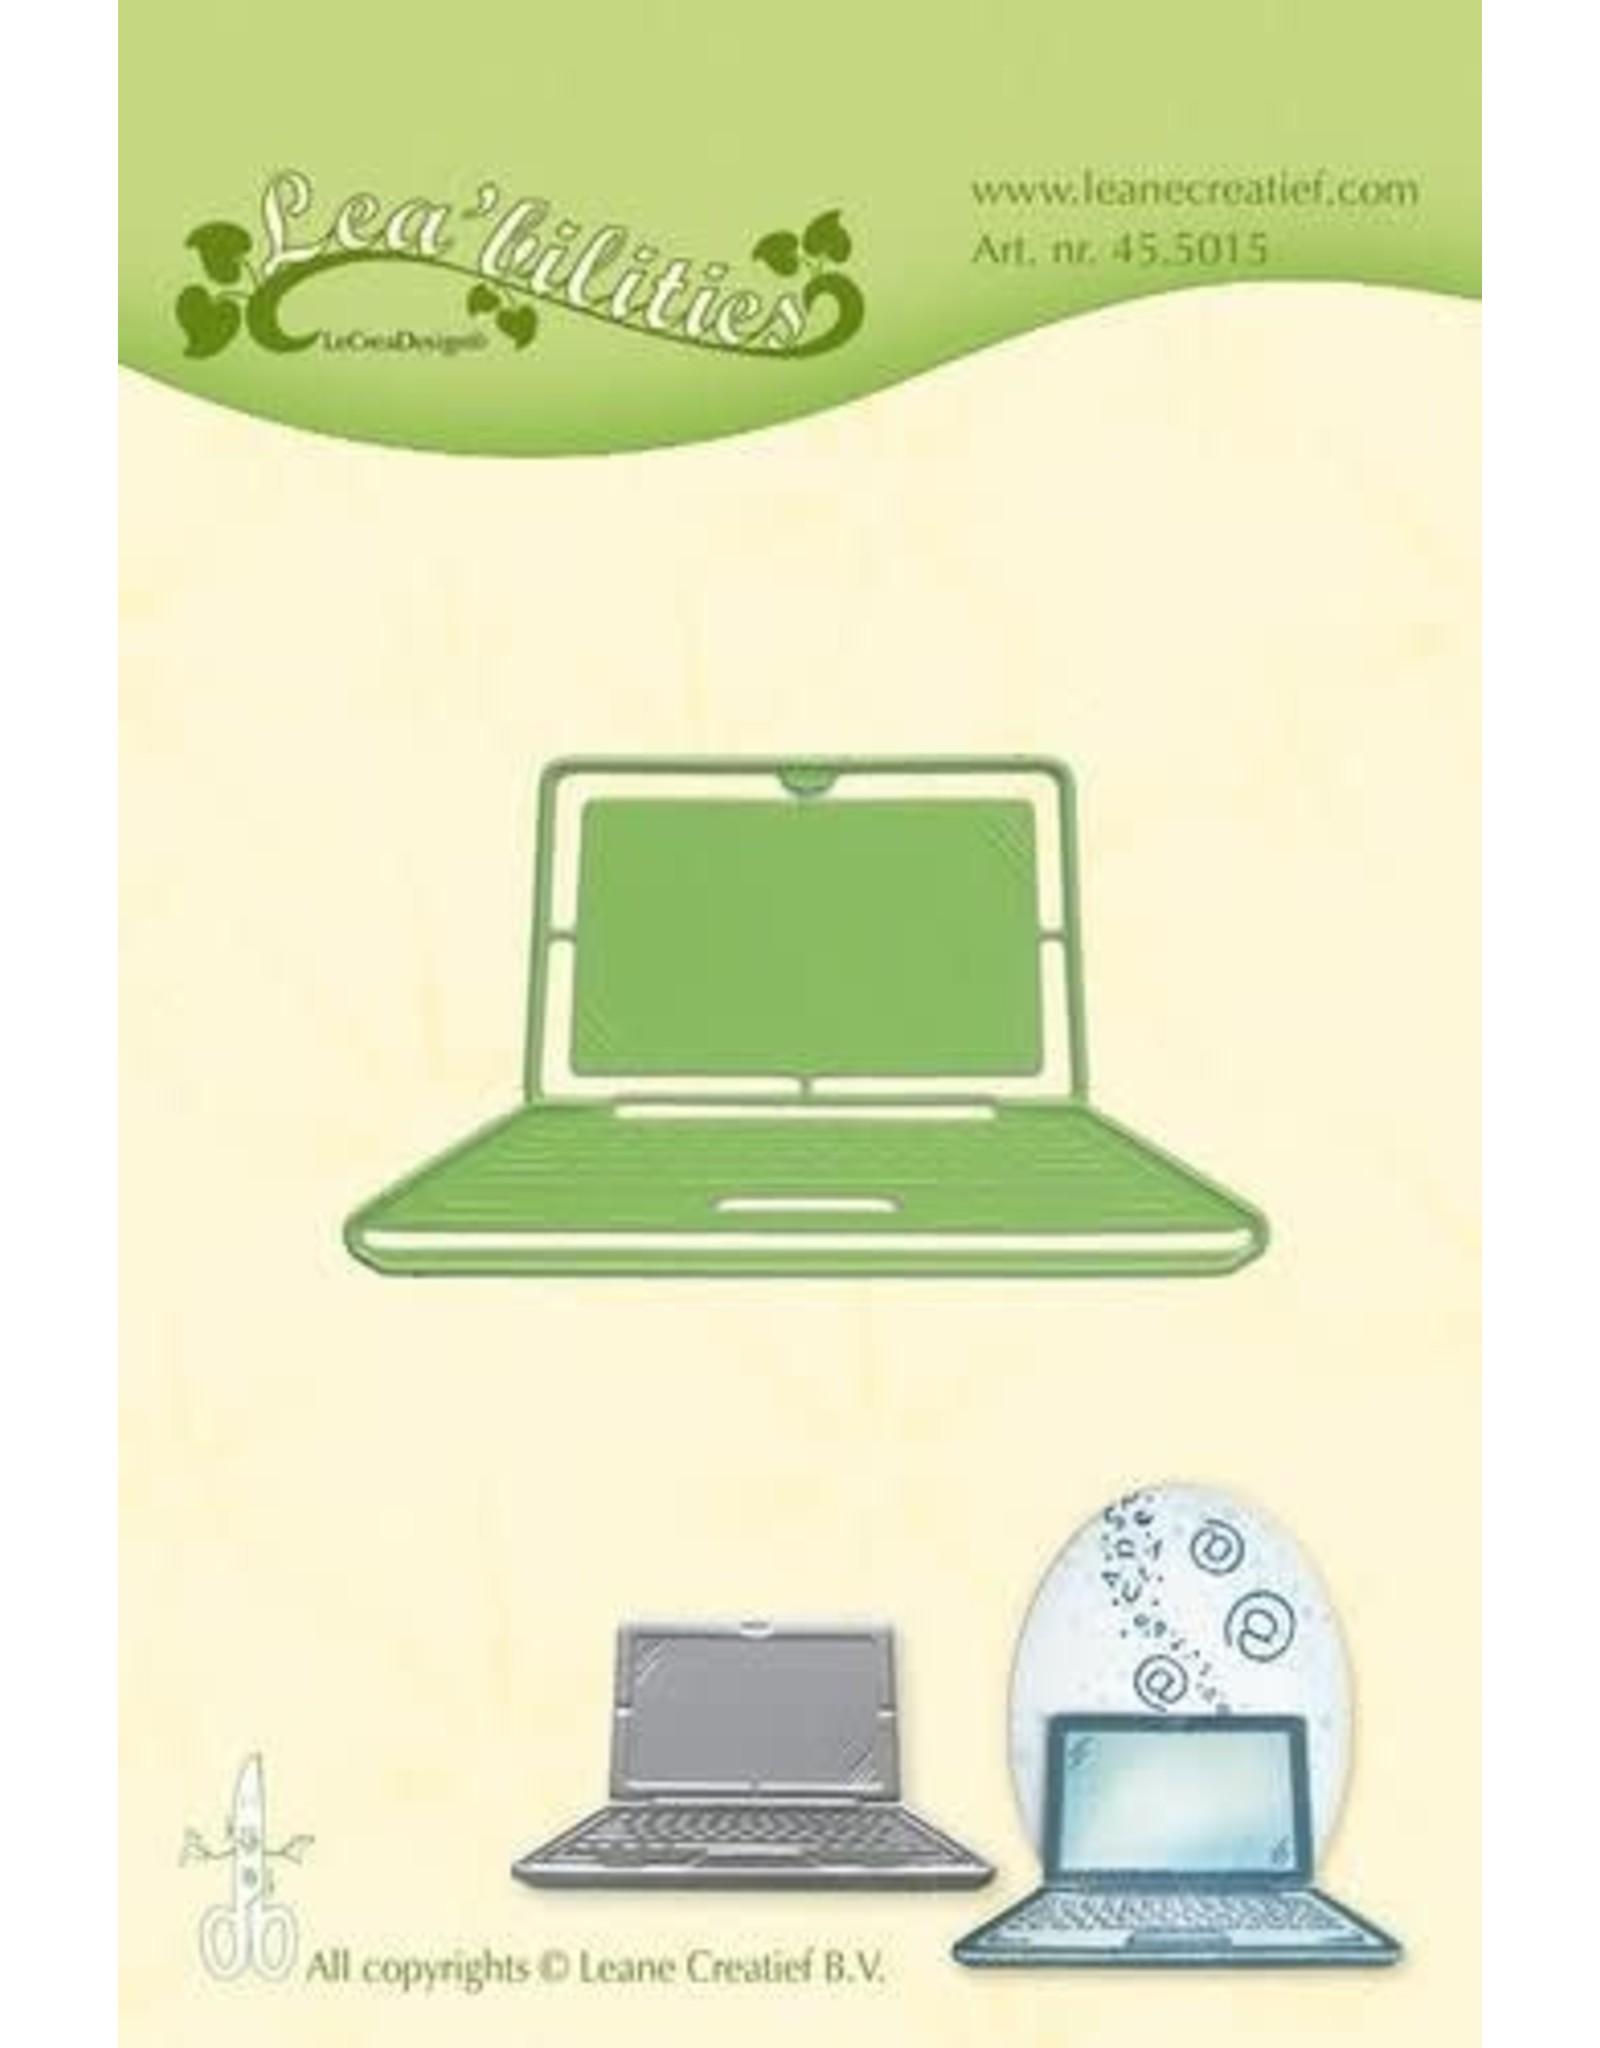 Lecrea design LeCrea - Lea'bilitie Laptop snij en embossing mal 45.5015